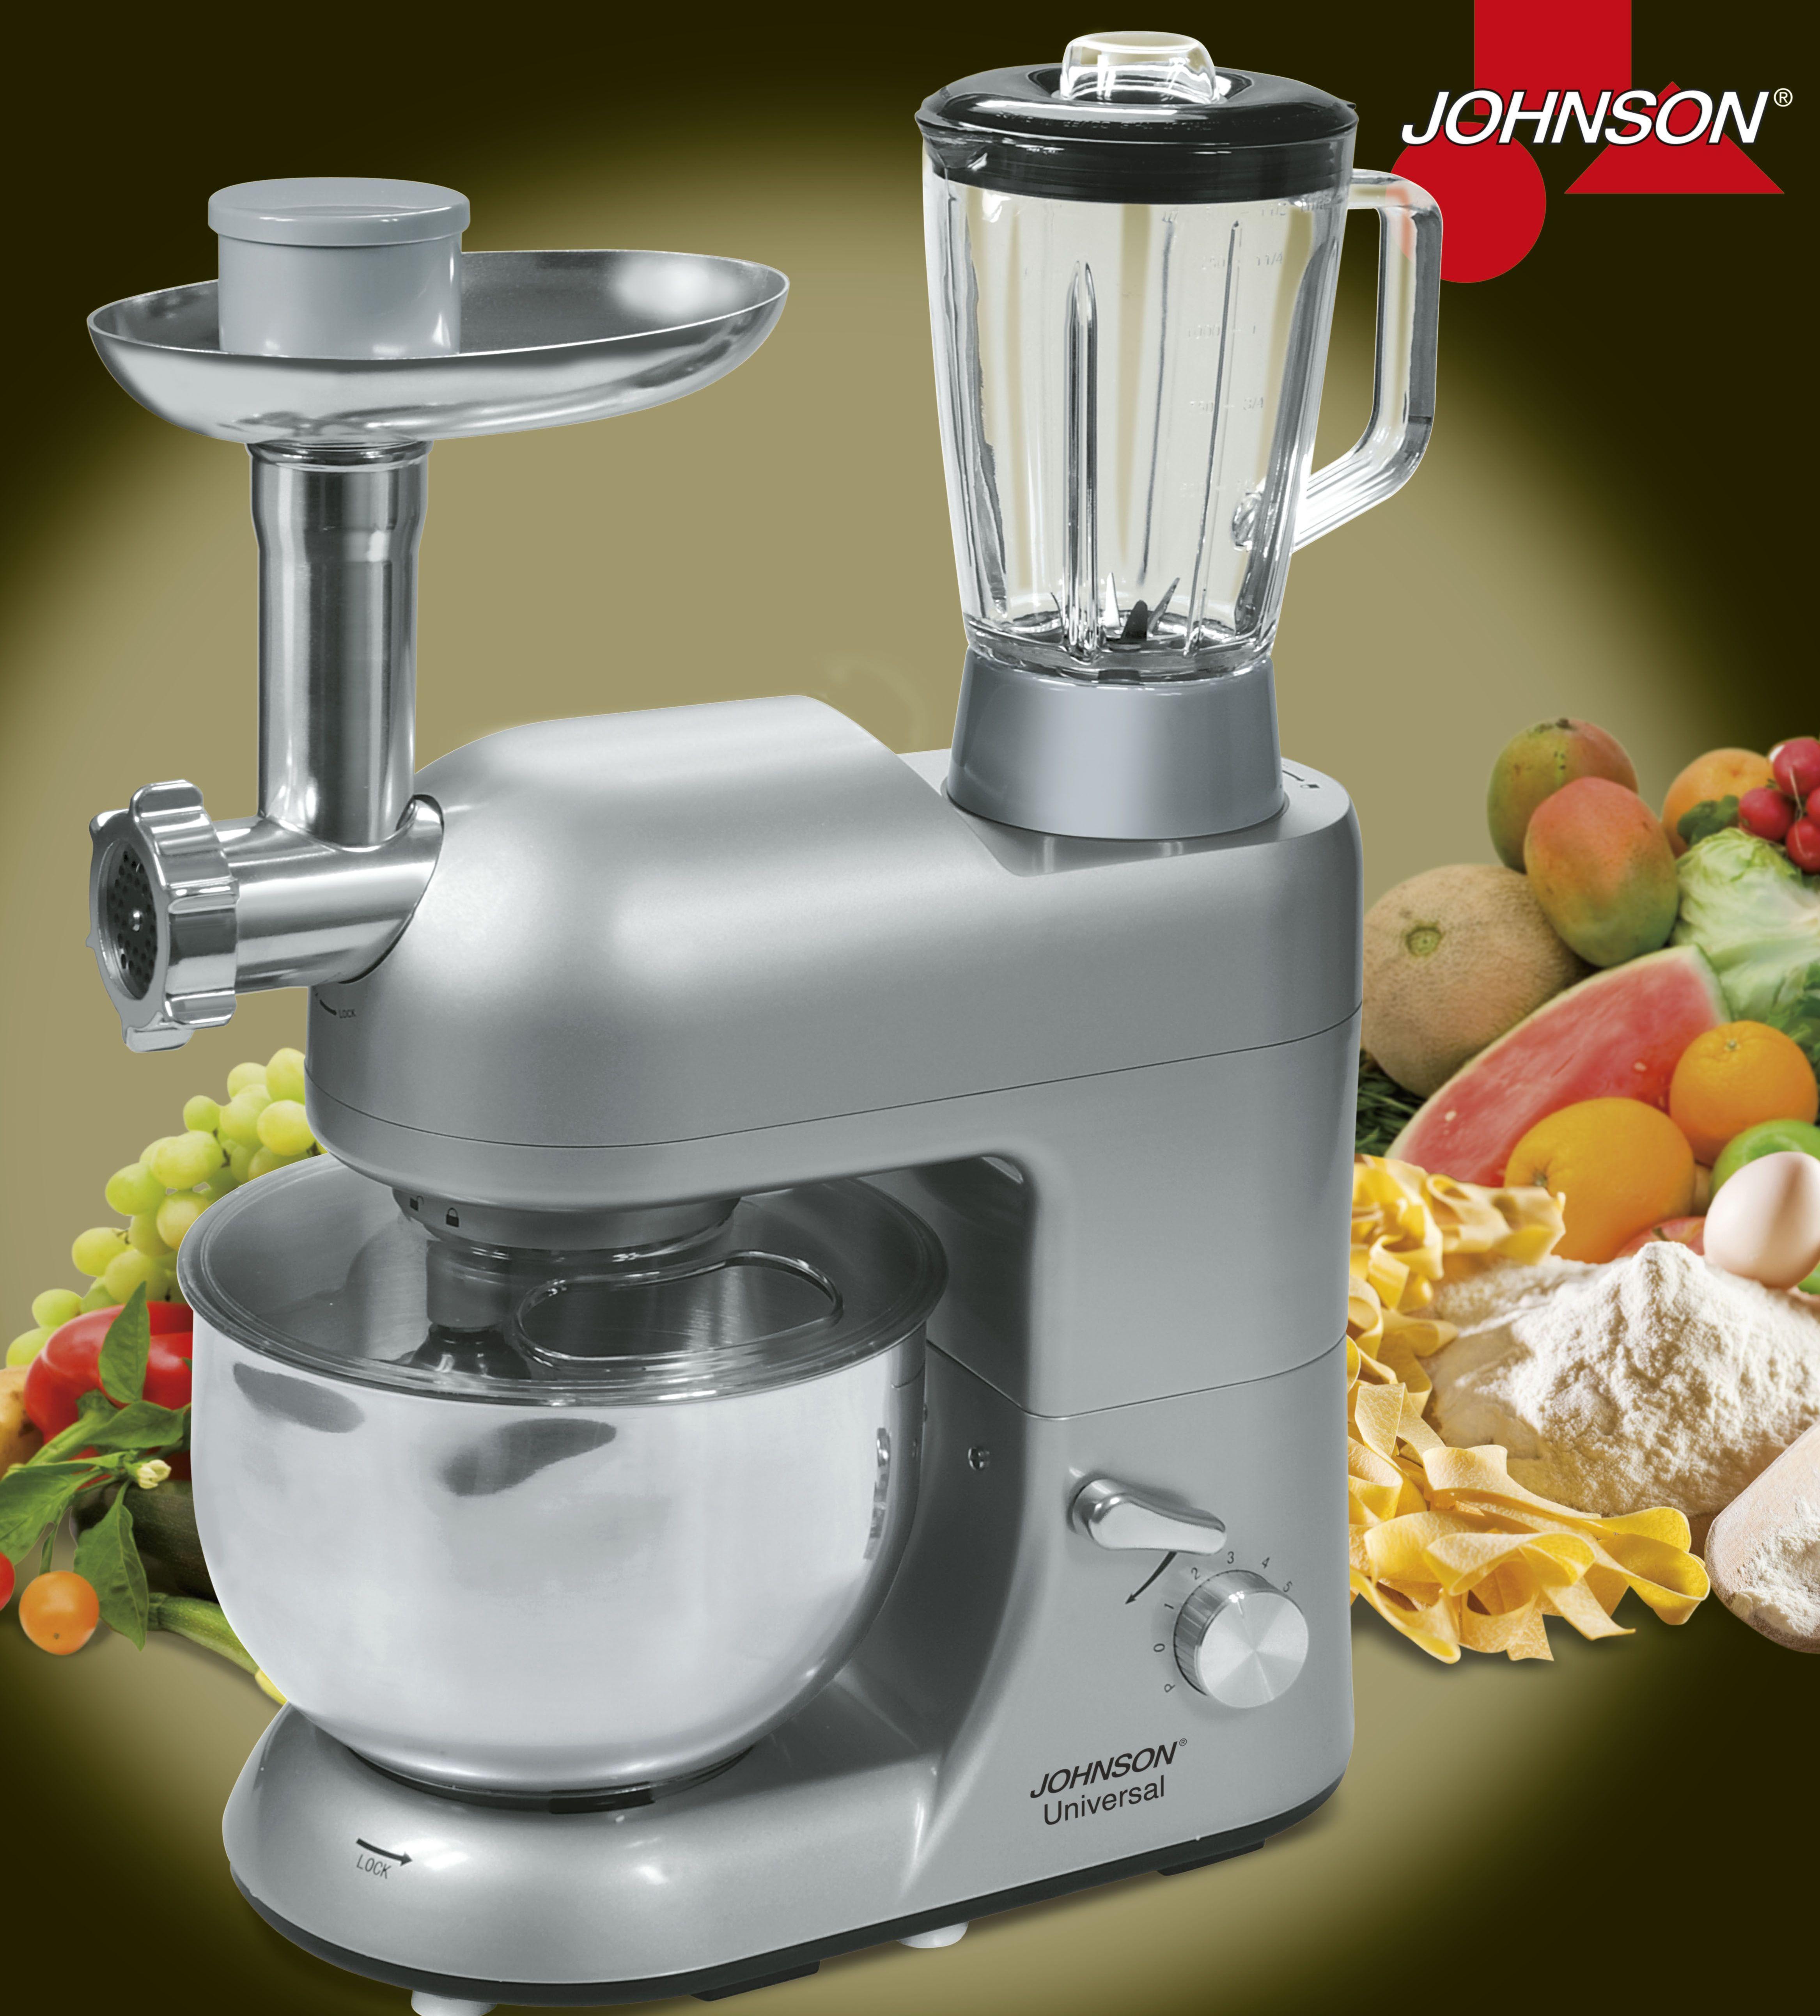 Johnson - Universal: robot da cucina